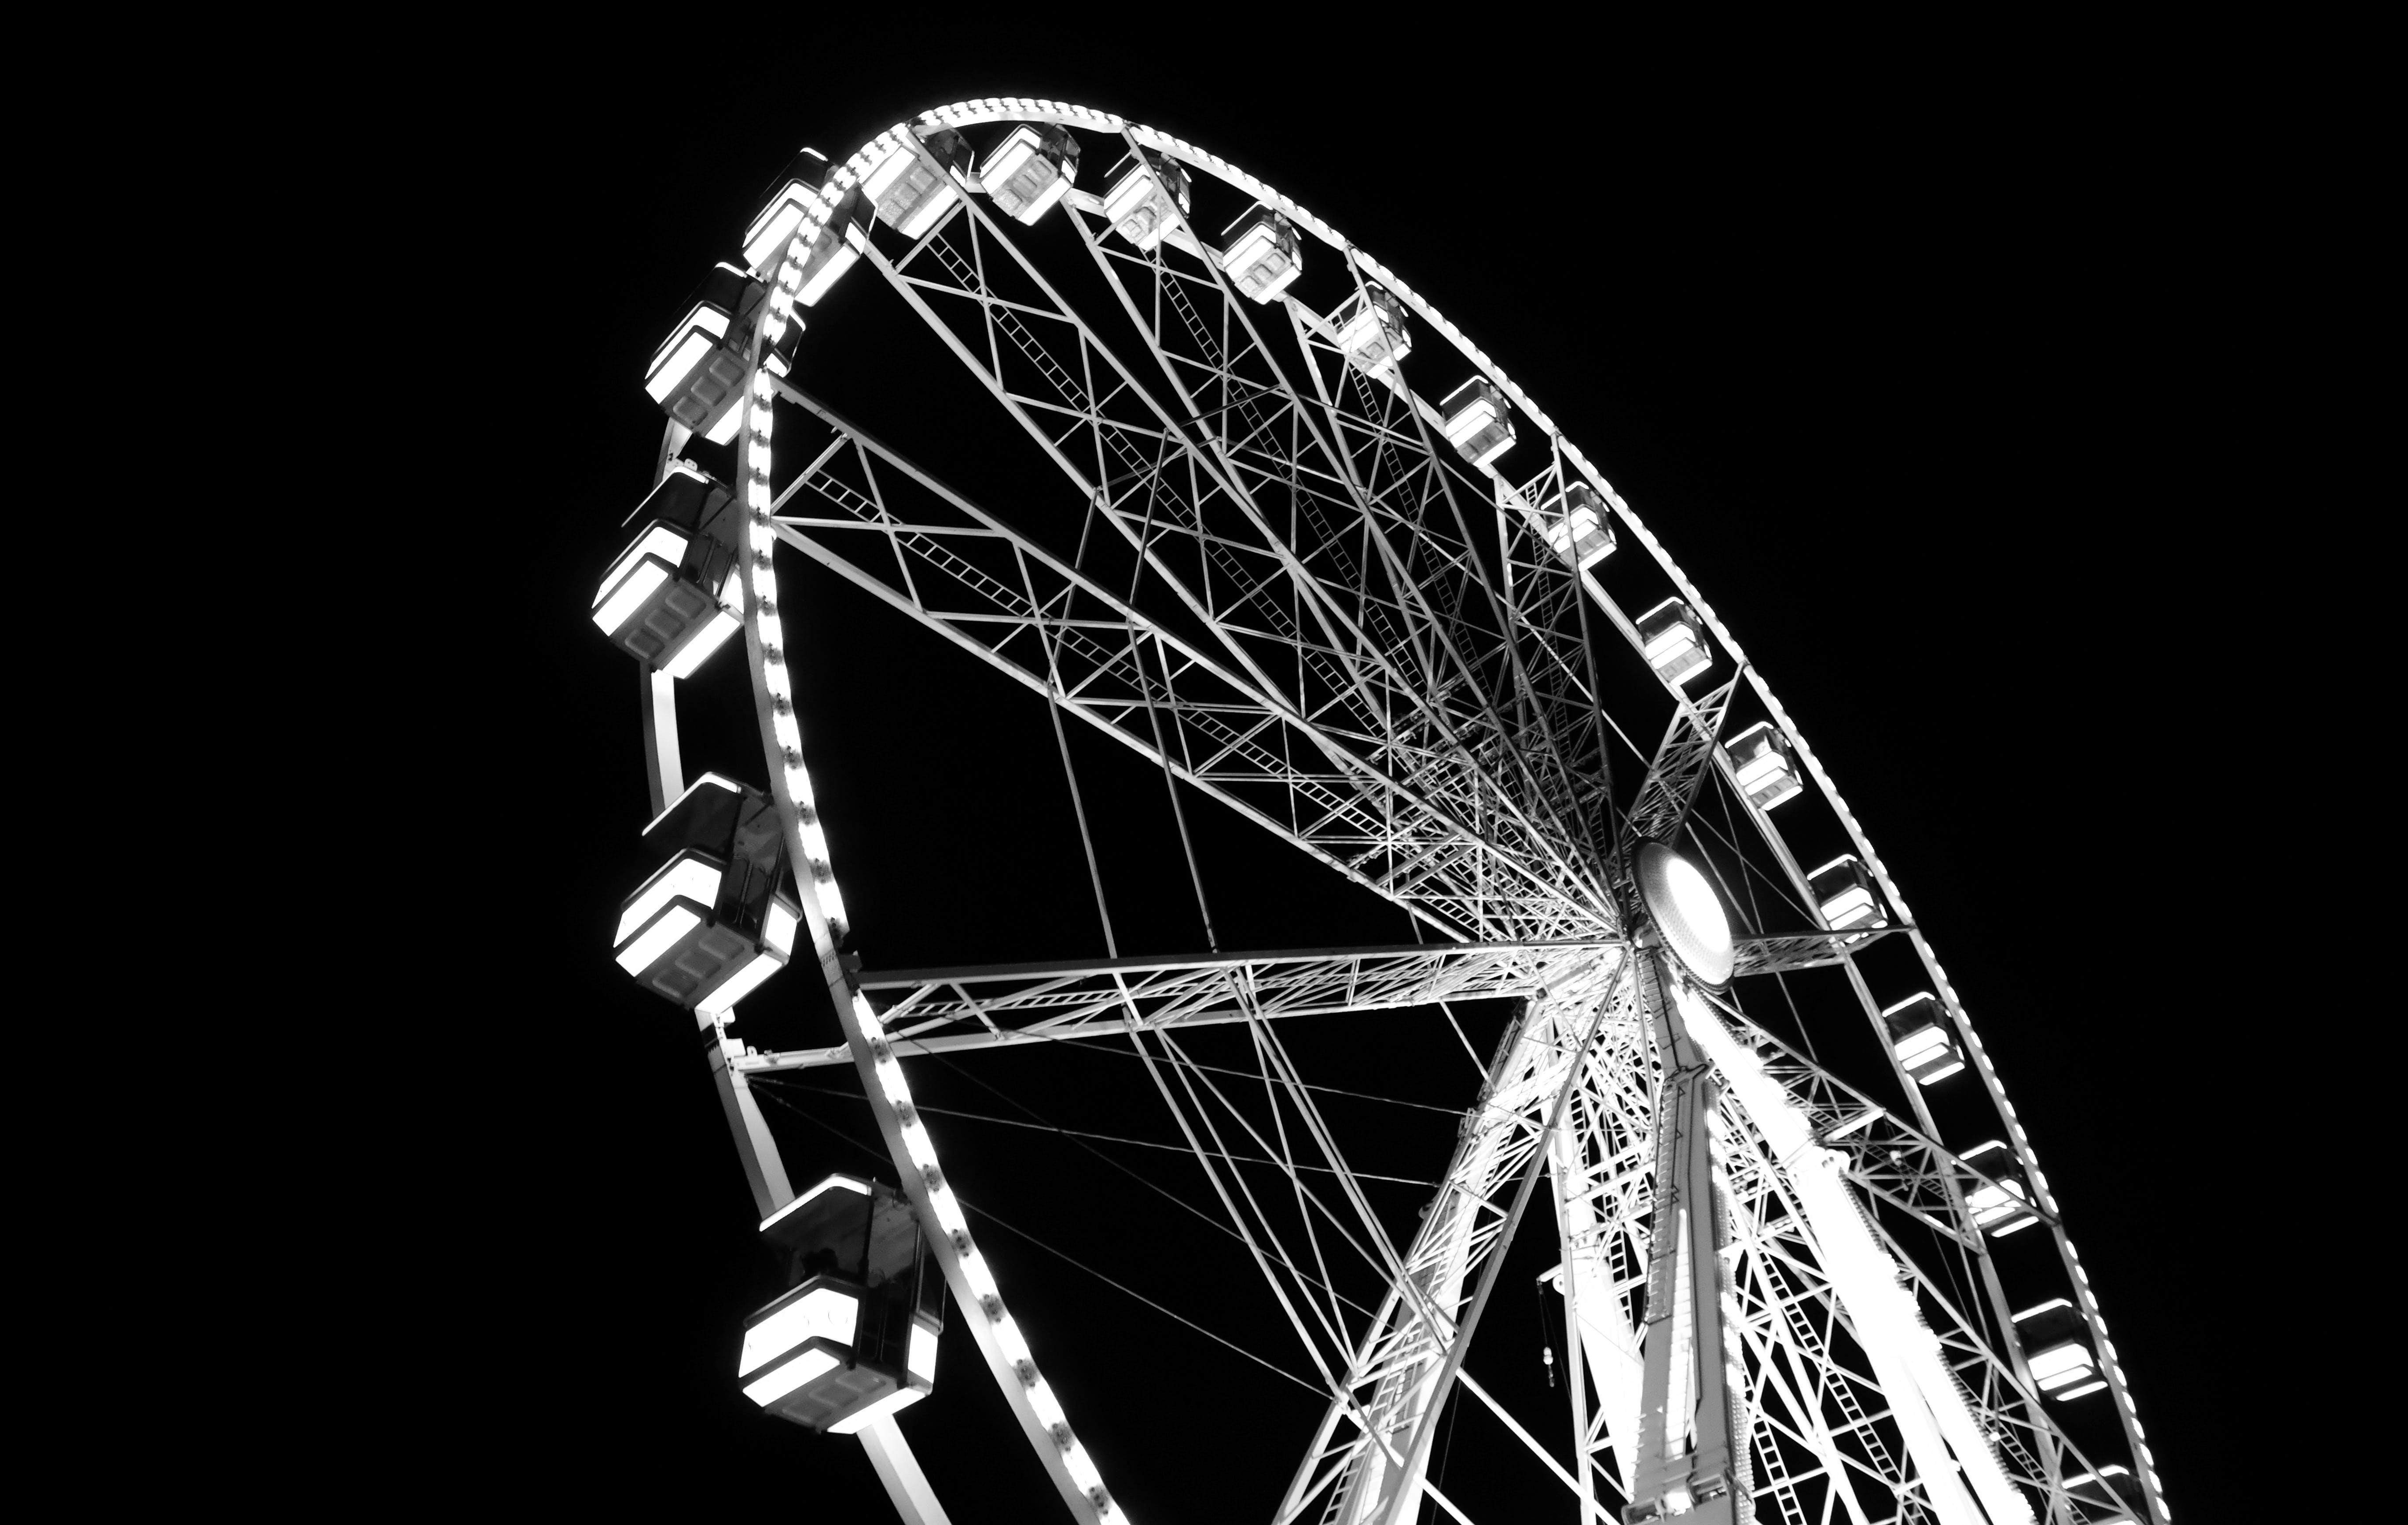 Fotos de stock gratuitas de alto, altura, blanco y negro, carnaval